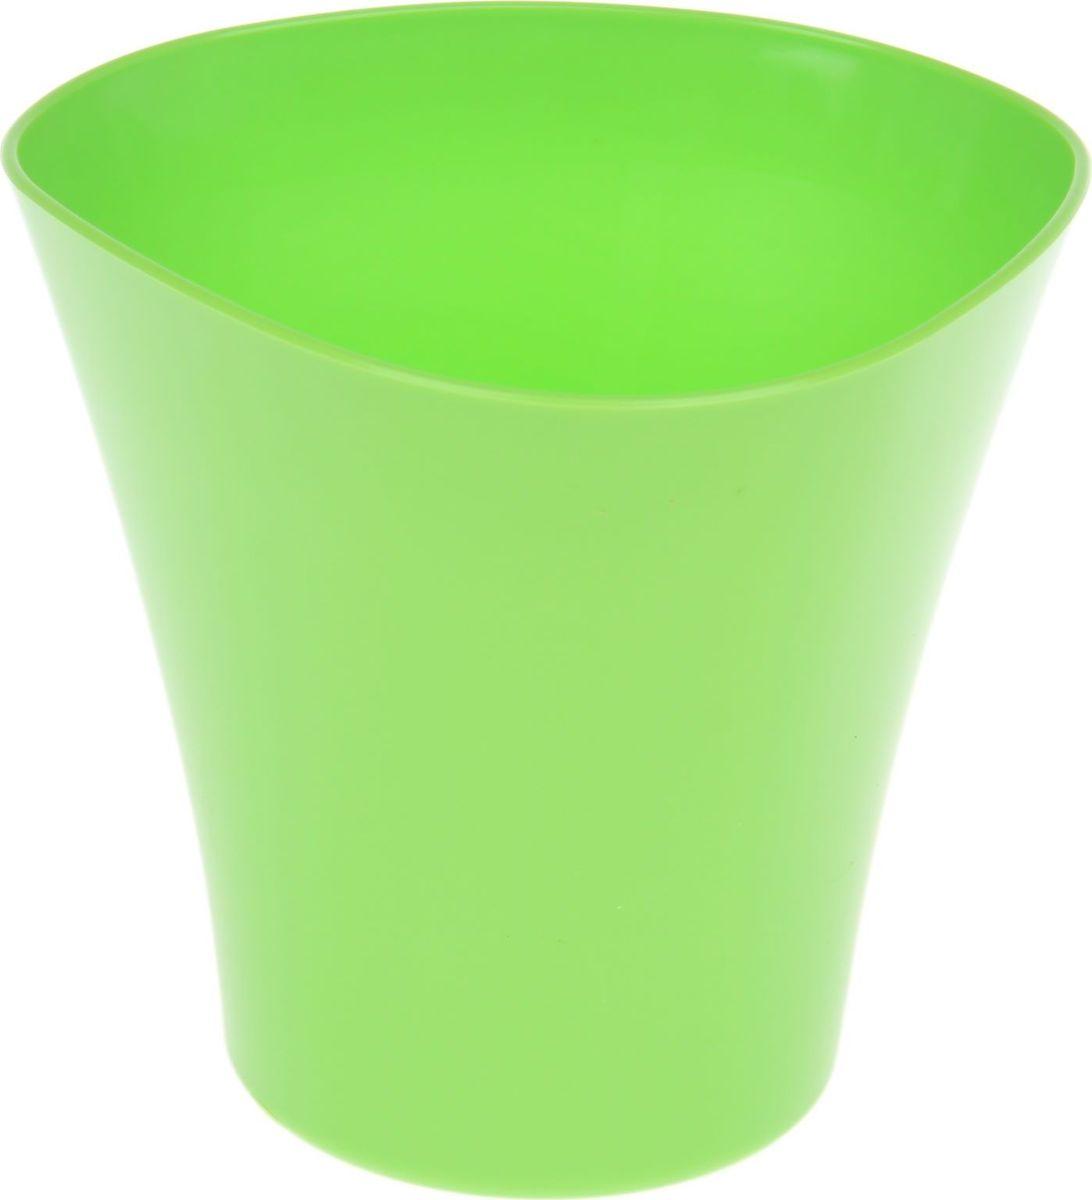 Кашпо JetPlast Волна, цвет: зеленый, 1,5 л531-402Любой, даже самый современный и продуманный интерьер будет не завершённым без растений. Они не только очищают воздух и насыщают его кислородом, но и заметно украшают окружающее пространство. Такому полезному &laquo члену семьи&raquoпросто необходимо красивое и функциональное кашпо, оригинальный горшок или необычная ваза! Мы предлагаем - Кашпо 1,5 л Волна, цвет зеленый!Оптимальный выбор материала &mdash &nbsp пластмасса! Почему мы так считаем? Малый вес. С лёгкостью переносите горшки и кашпо с места на место, ставьте их на столики или полки, подвешивайте под потолок, не беспокоясь о нагрузке. Простота ухода. Пластиковые изделия не нуждаются в специальных условиях хранения. Их&nbsp легко чистить &mdashдостаточно просто сполоснуть тёплой водой. Никаких царапин. Пластиковые кашпо не царапают и не загрязняют поверхности, на которых стоят. Пластик дольше хранит влагу, а значит &mdashрастение реже нуждается в поливе. Пластмасса не пропускает воздух &mdashкорневой системе растения не грозят резкие перепады температур. Огромный выбор форм, декора и расцветок &mdashвы без труда подберёте что-то, что идеально впишется в уже существующий интерьер.Соблюдая нехитрые правила ухода, вы можете заметно продлить срок службы горшков, вазонов и кашпо из пластика: всегда учитывайте размер кроны и корневой системы растения (при разрастании большое растение способно повредить маленький горшок)берегите изделие от воздействия прямых солнечных лучей, чтобы кашпо и горшки не выцветалидержите кашпо и горшки из пластика подальше от нагревающихся поверхностей.Создавайте прекрасные цветочные композиции, выращивайте рассаду или необычные растения, а низкие цены позволят вам не ограничивать себя в выборе.